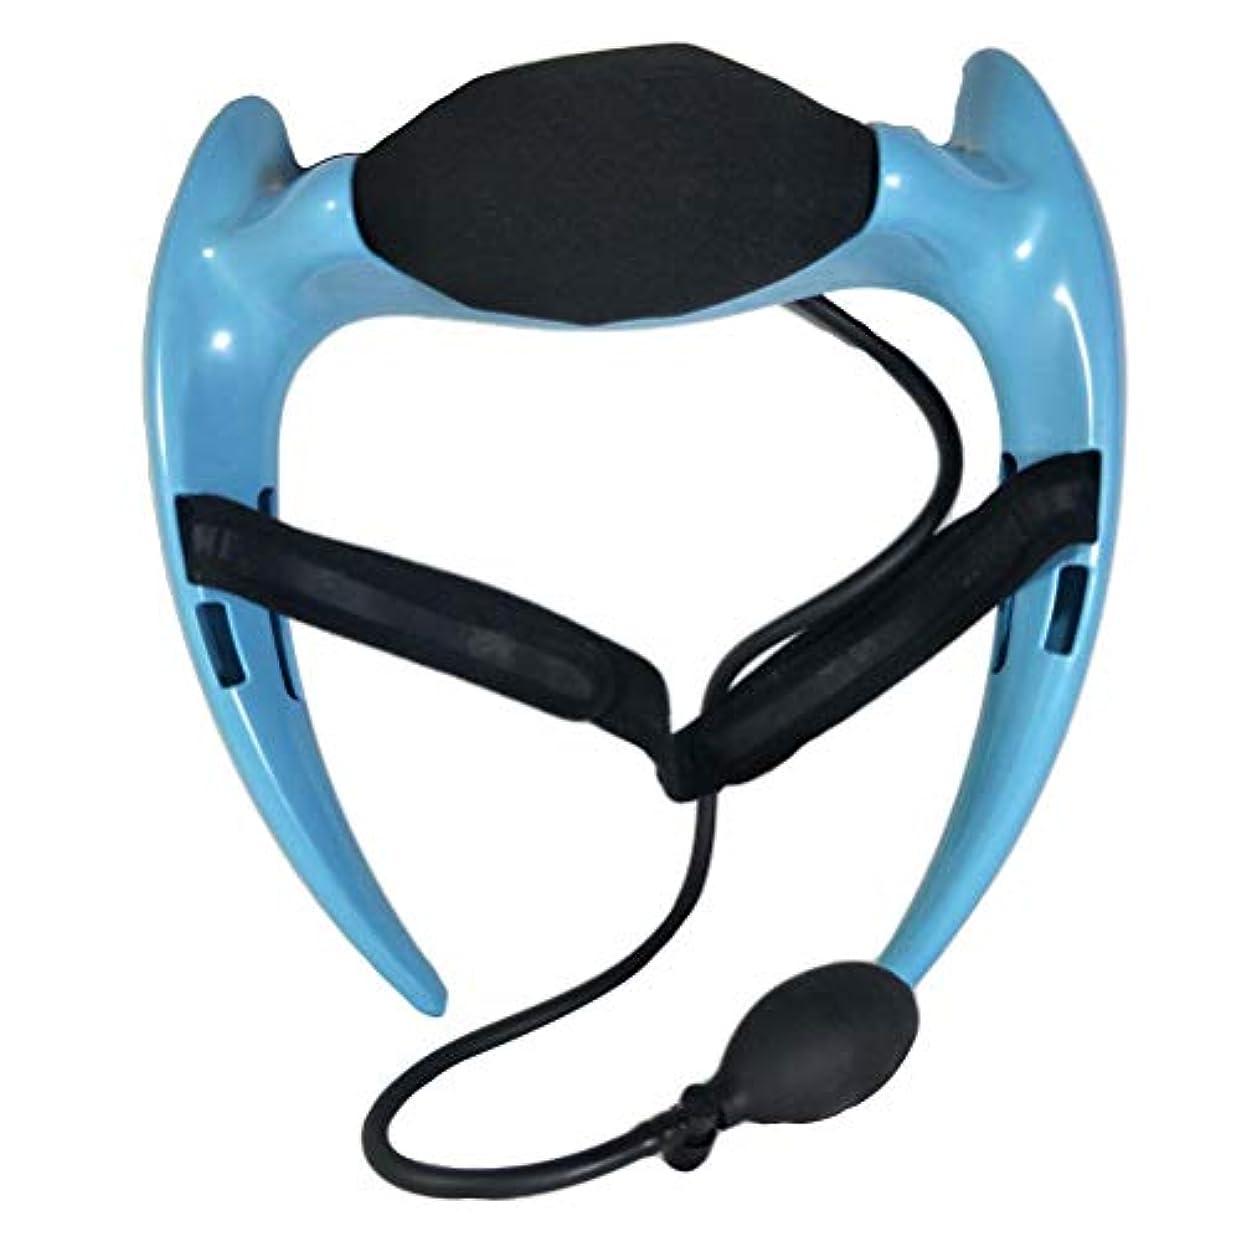 バイナリ好色な広まったHEALLILY 傷害のための膨脹可能な首の牽引装置首サポート牽引